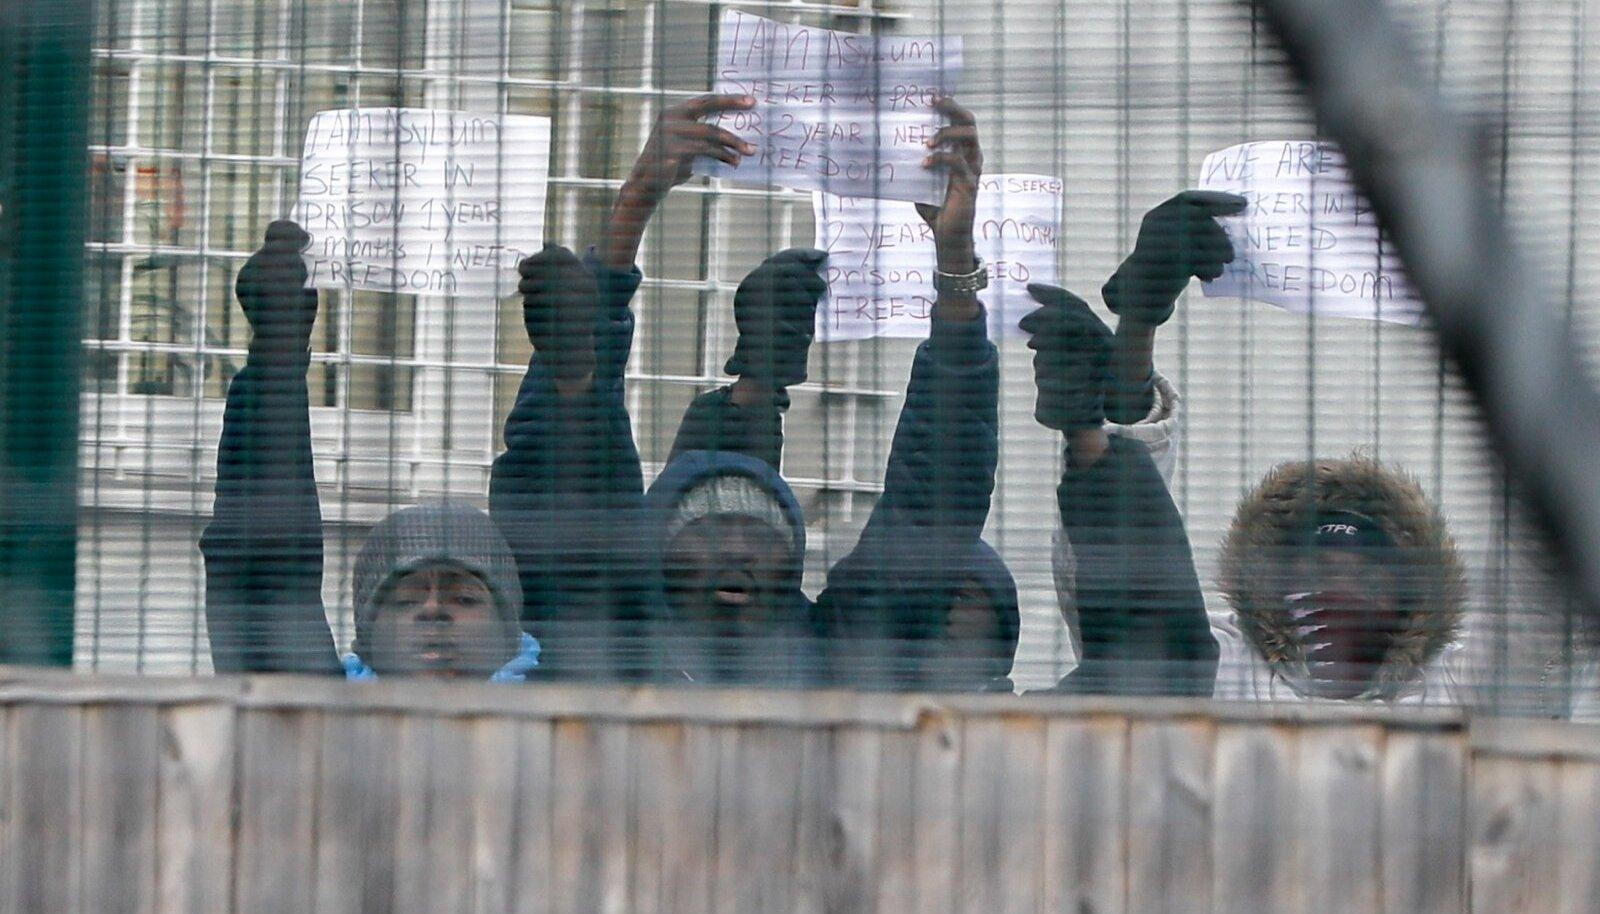 Mullu detsembris protestisid pagulased Harku väljasaatmiskeskuses enda kinnipidamise vastu. ÜRO hinnangul ei tohiks ebaseadusliku riiki sisenemise eest karistada.